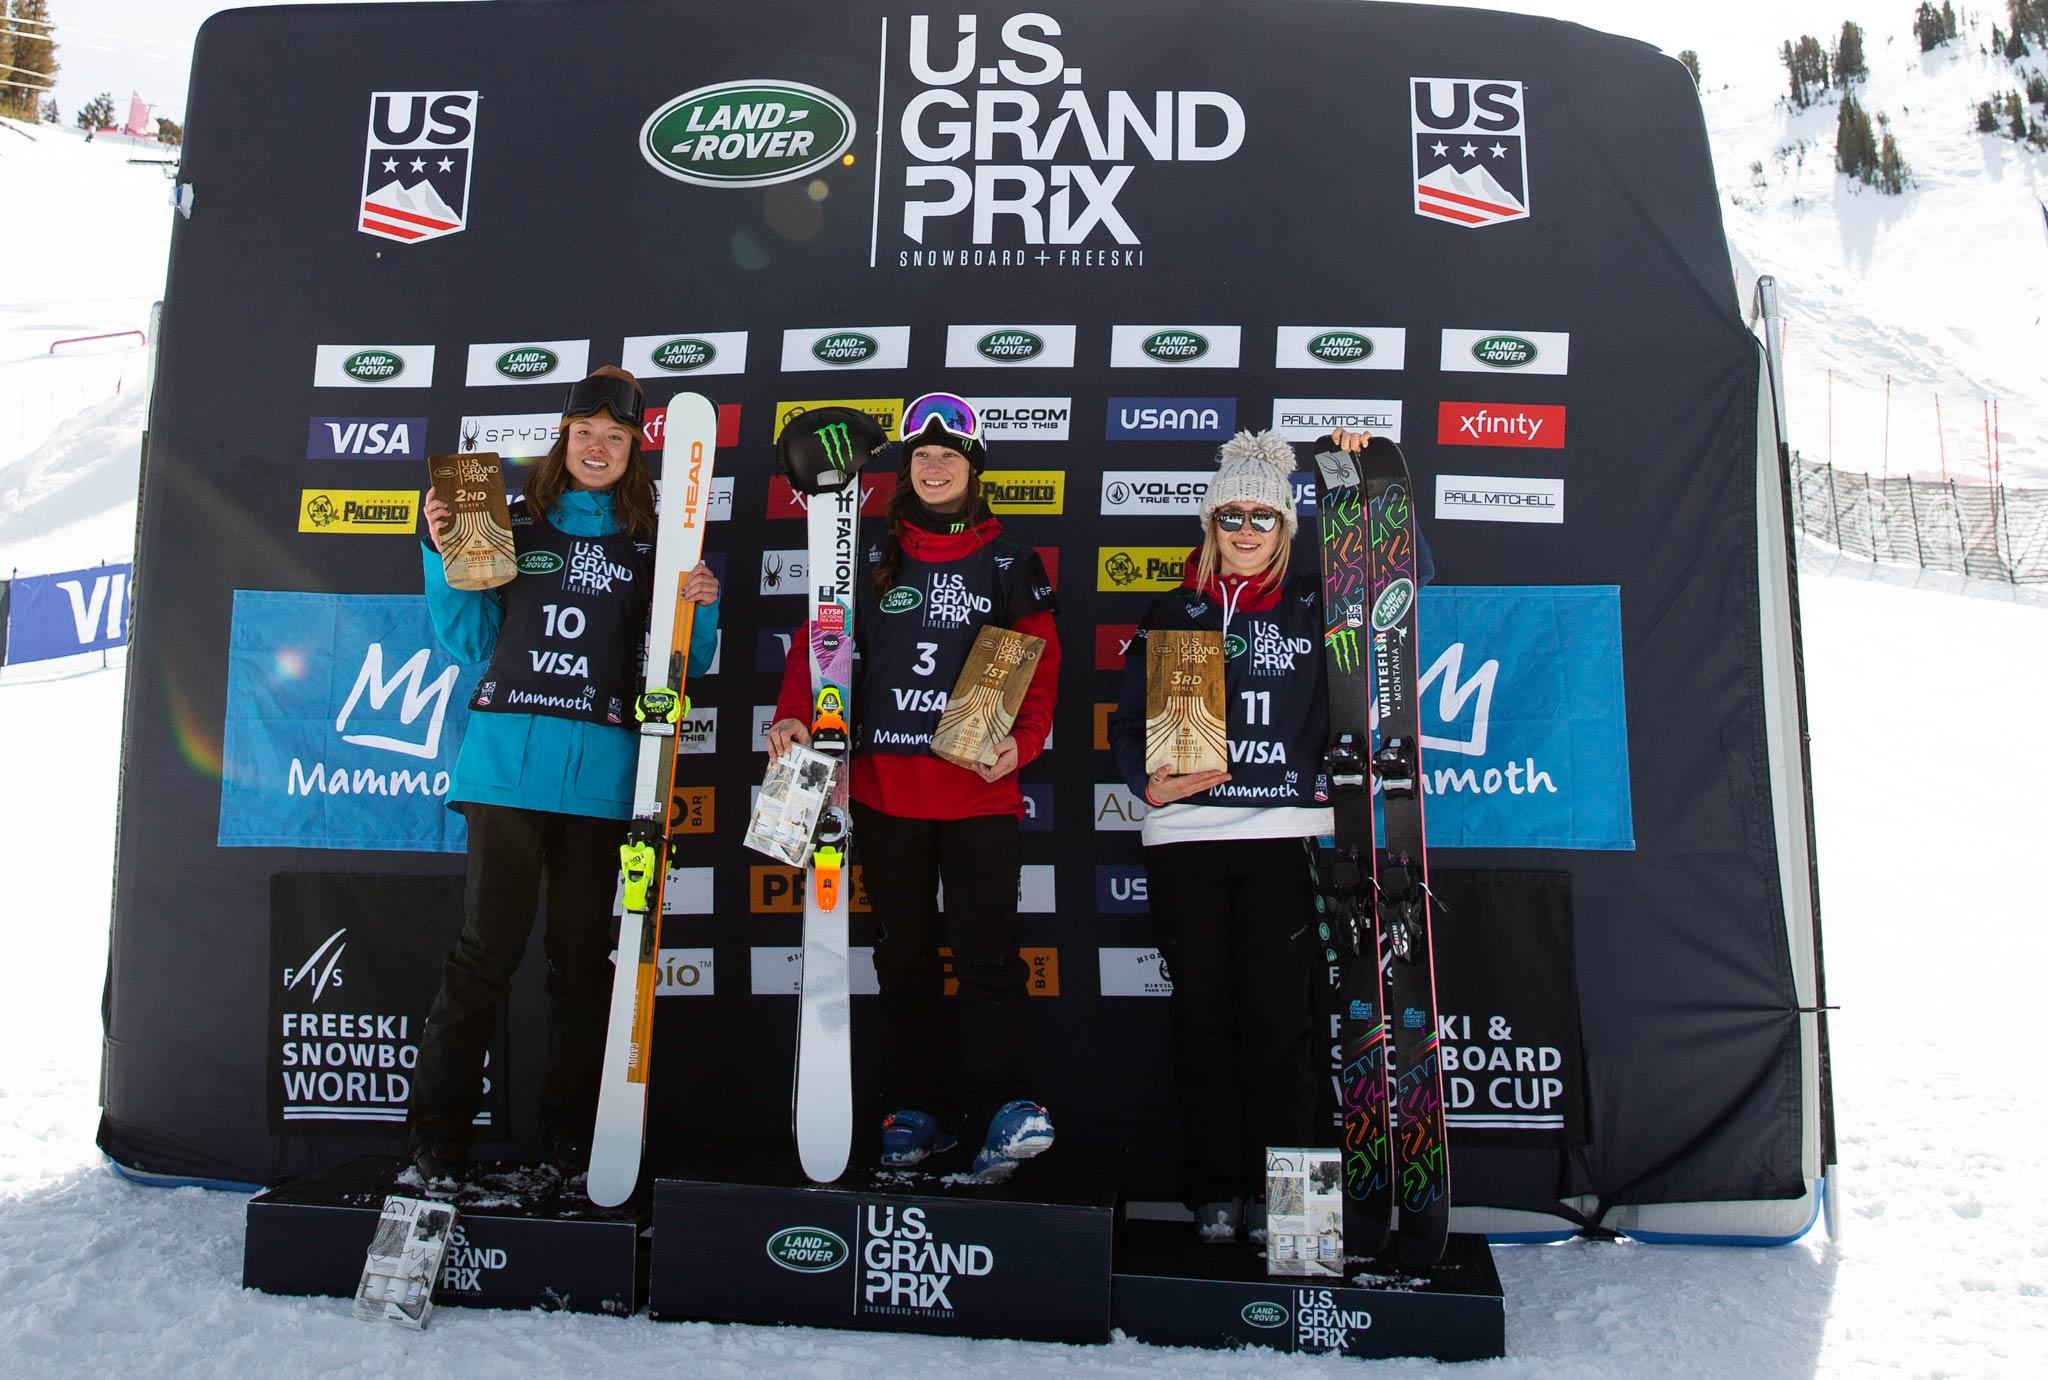 Das Podium der Frauen beim FIS Freestyle Slopestyle Contest in Mammoth Mountain 2020: Isabel Atkin (GBR), Sarah Hoefflin (SUI), Maggie Voisin (USA) - Foto: FIS Freestyle